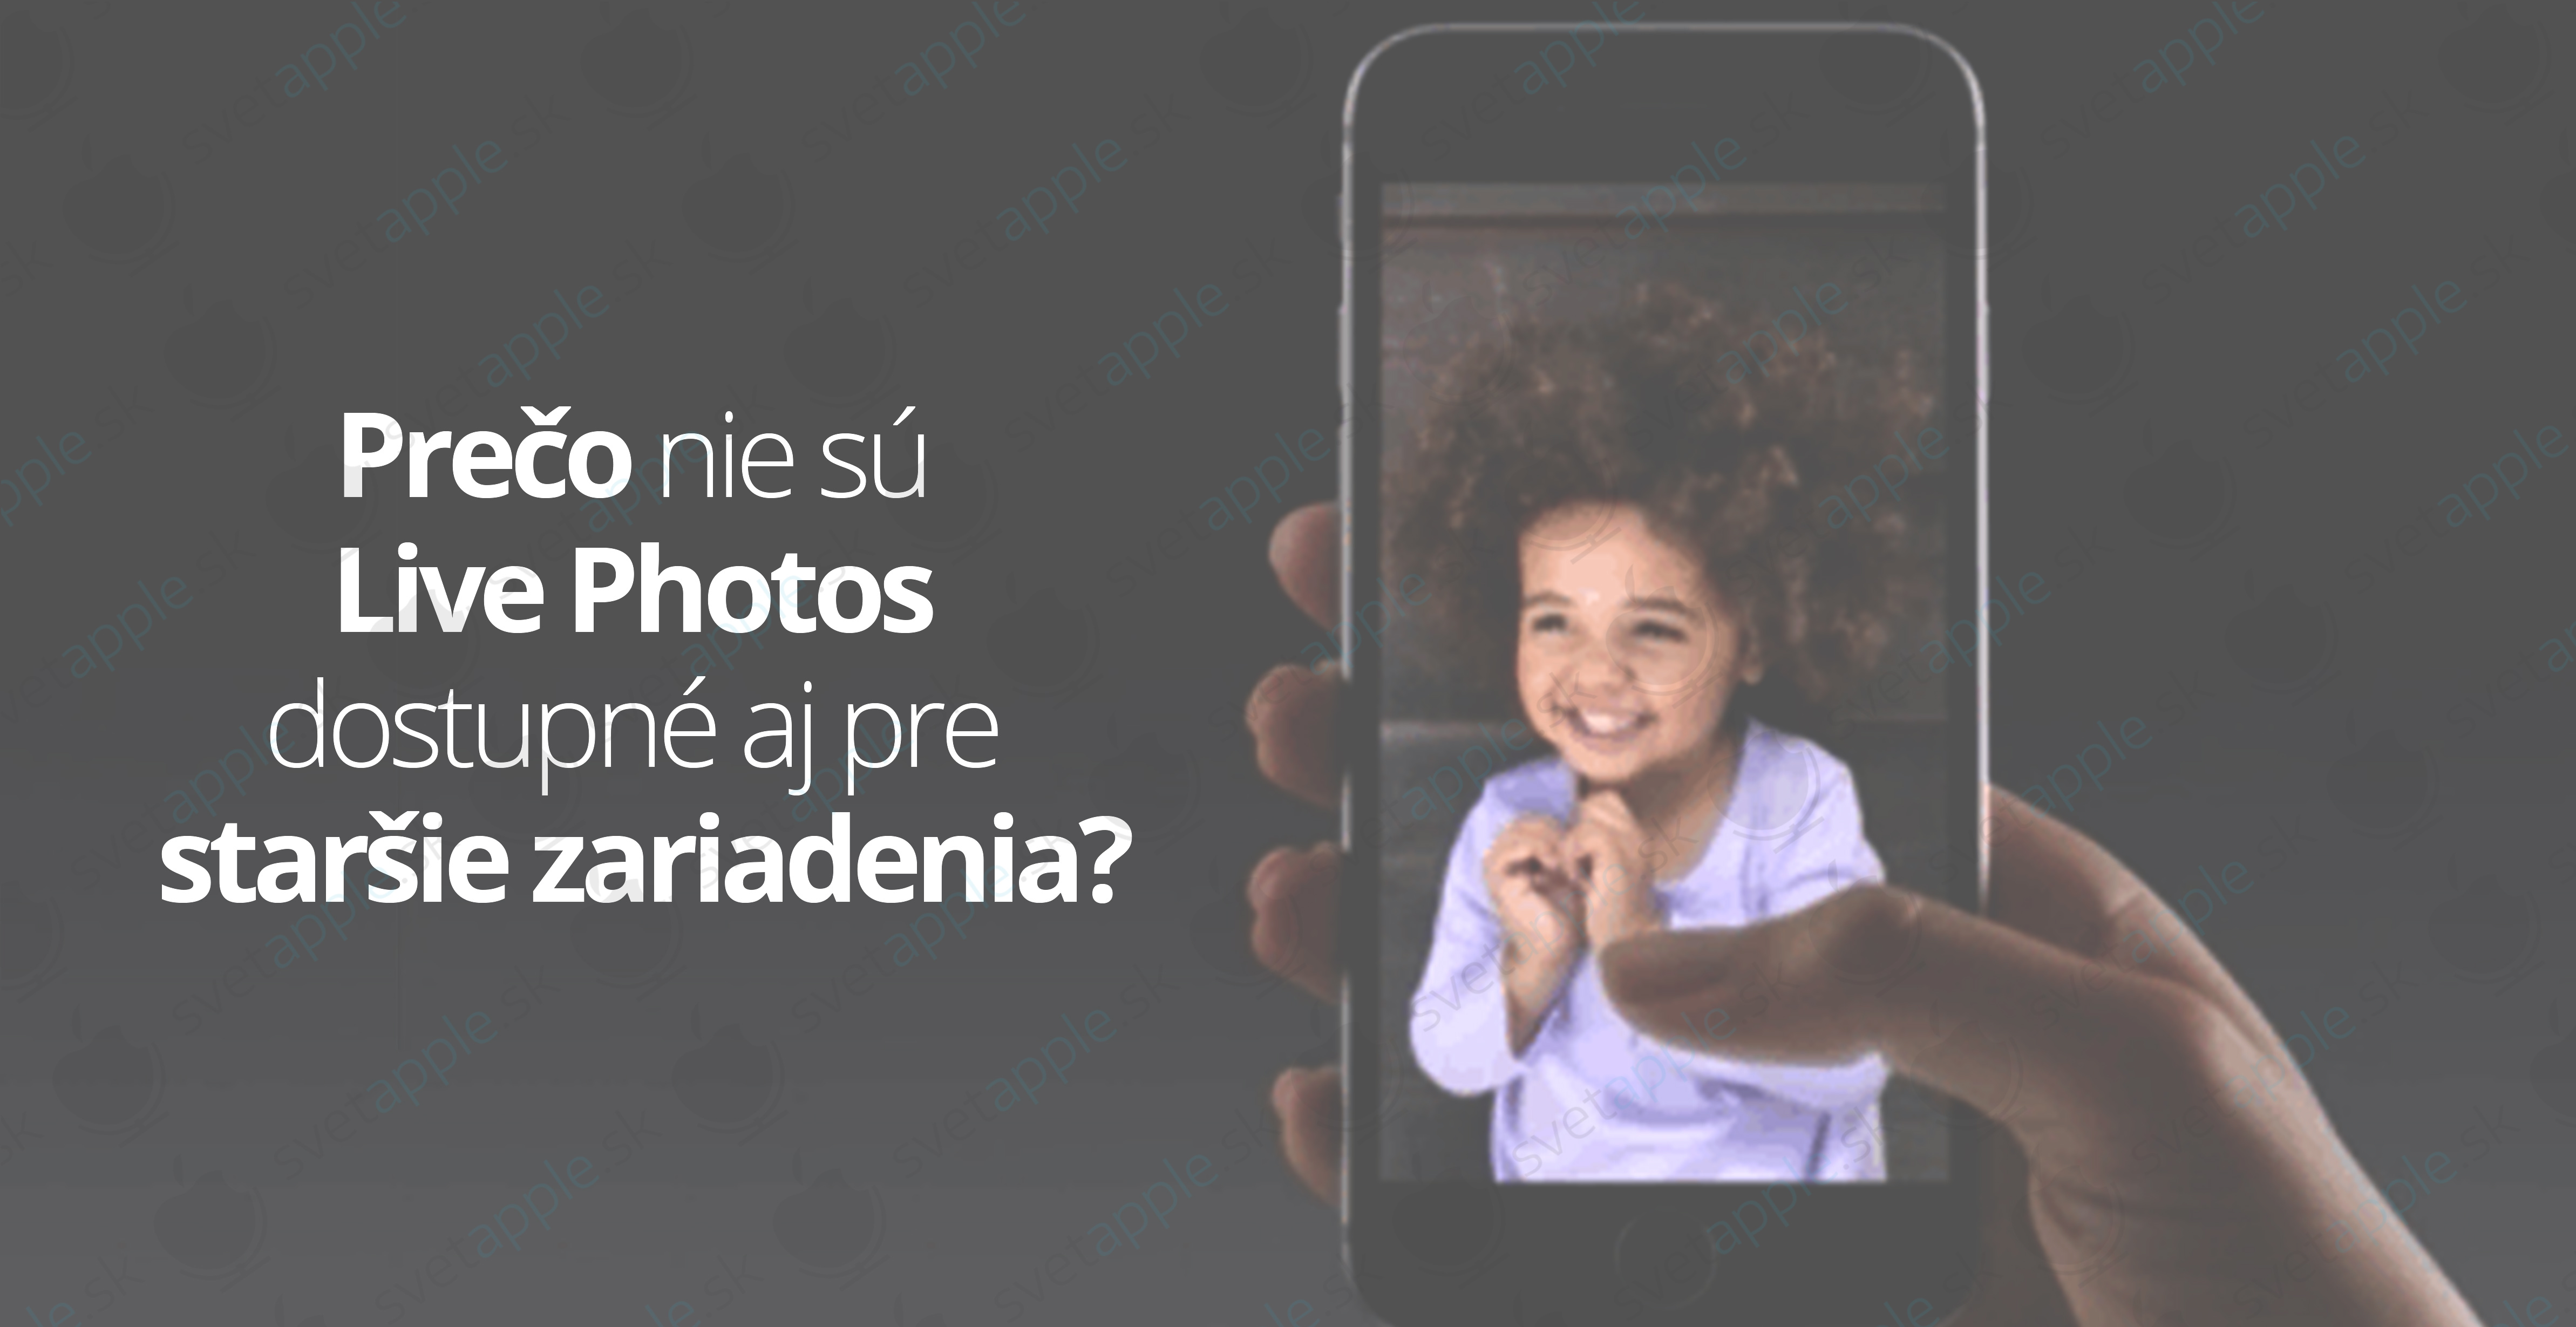 live-photos-starsie-zariadenia---titulná-fotografia---SvetApple